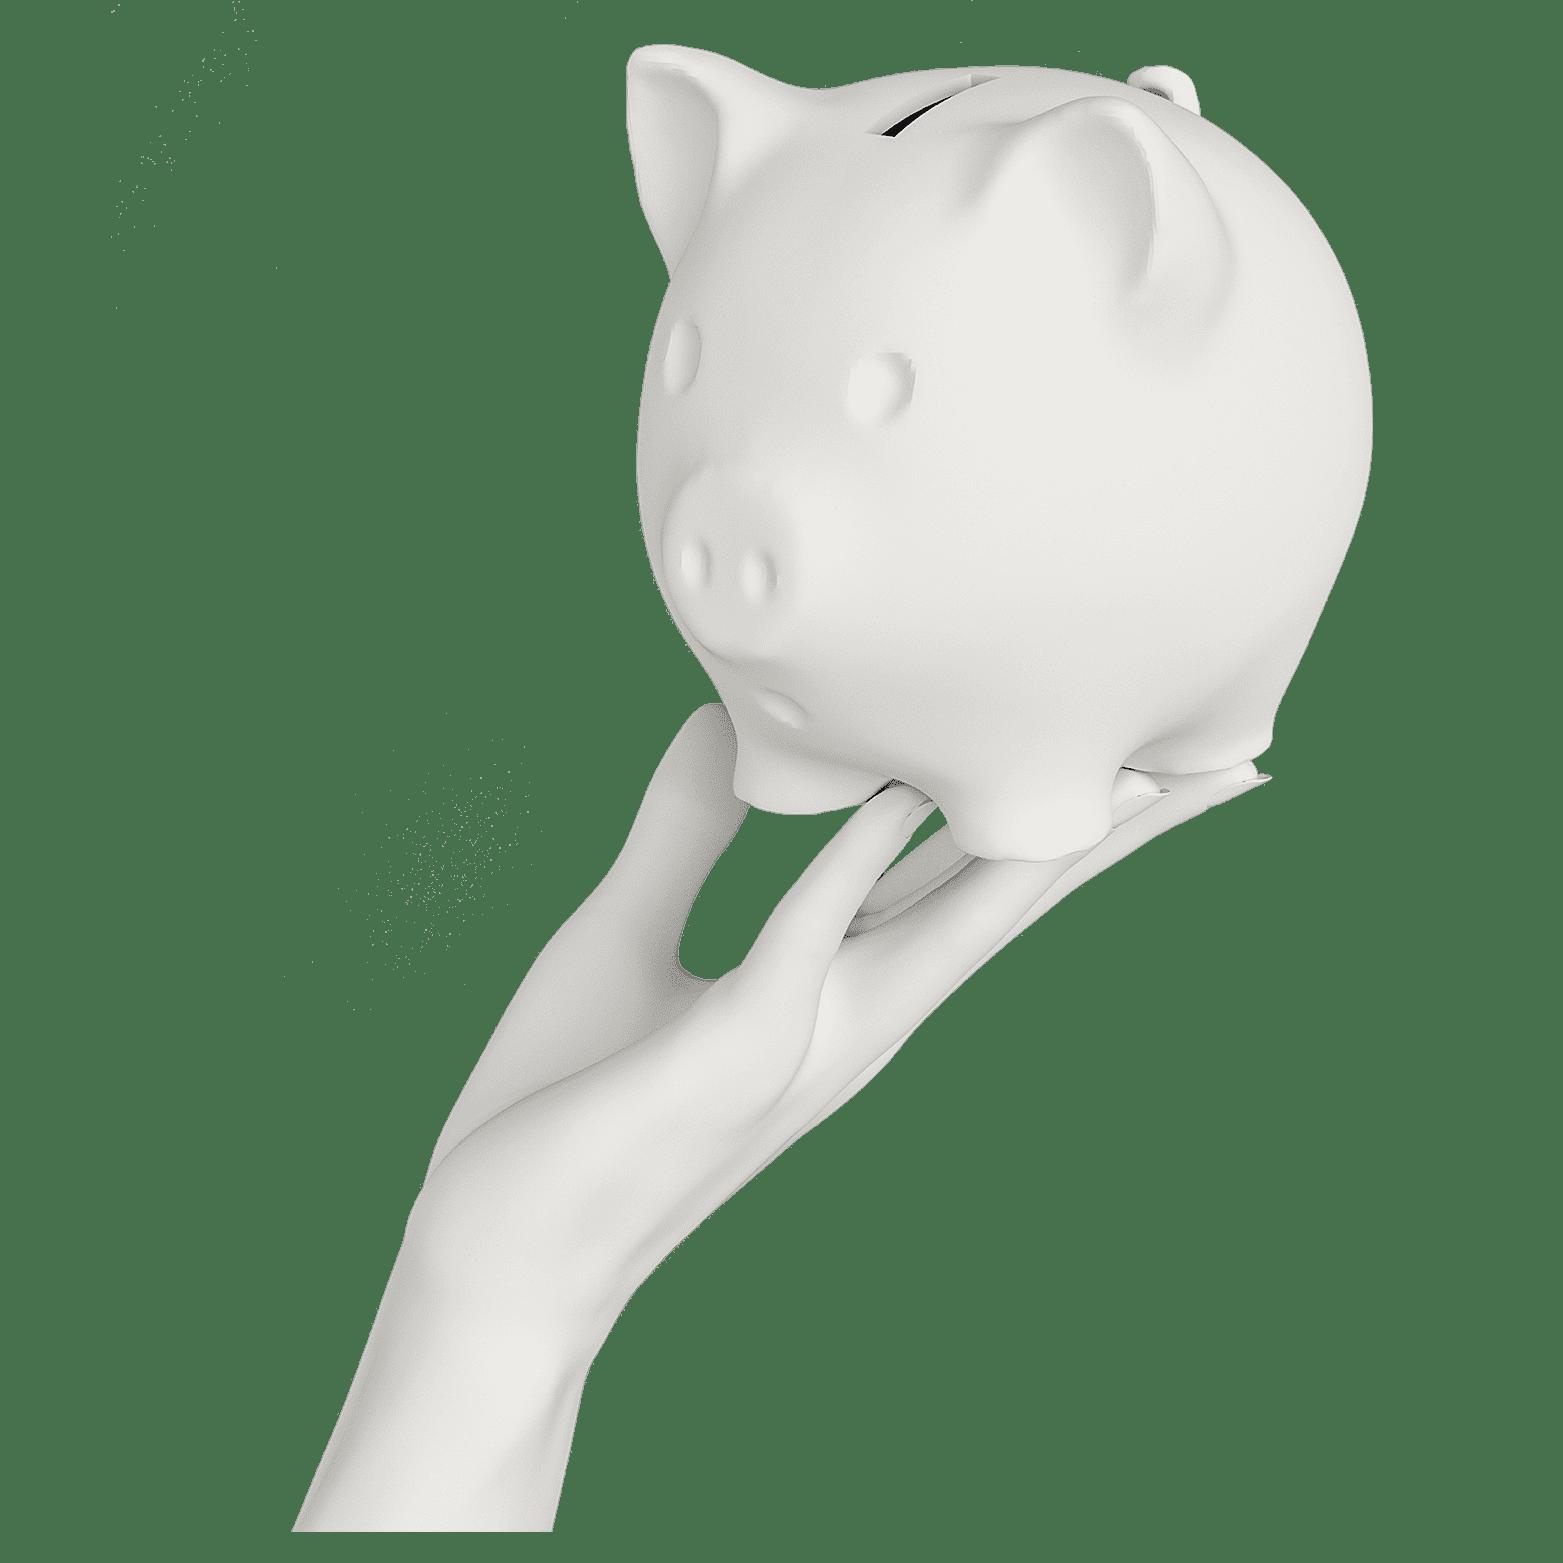 Finance - light